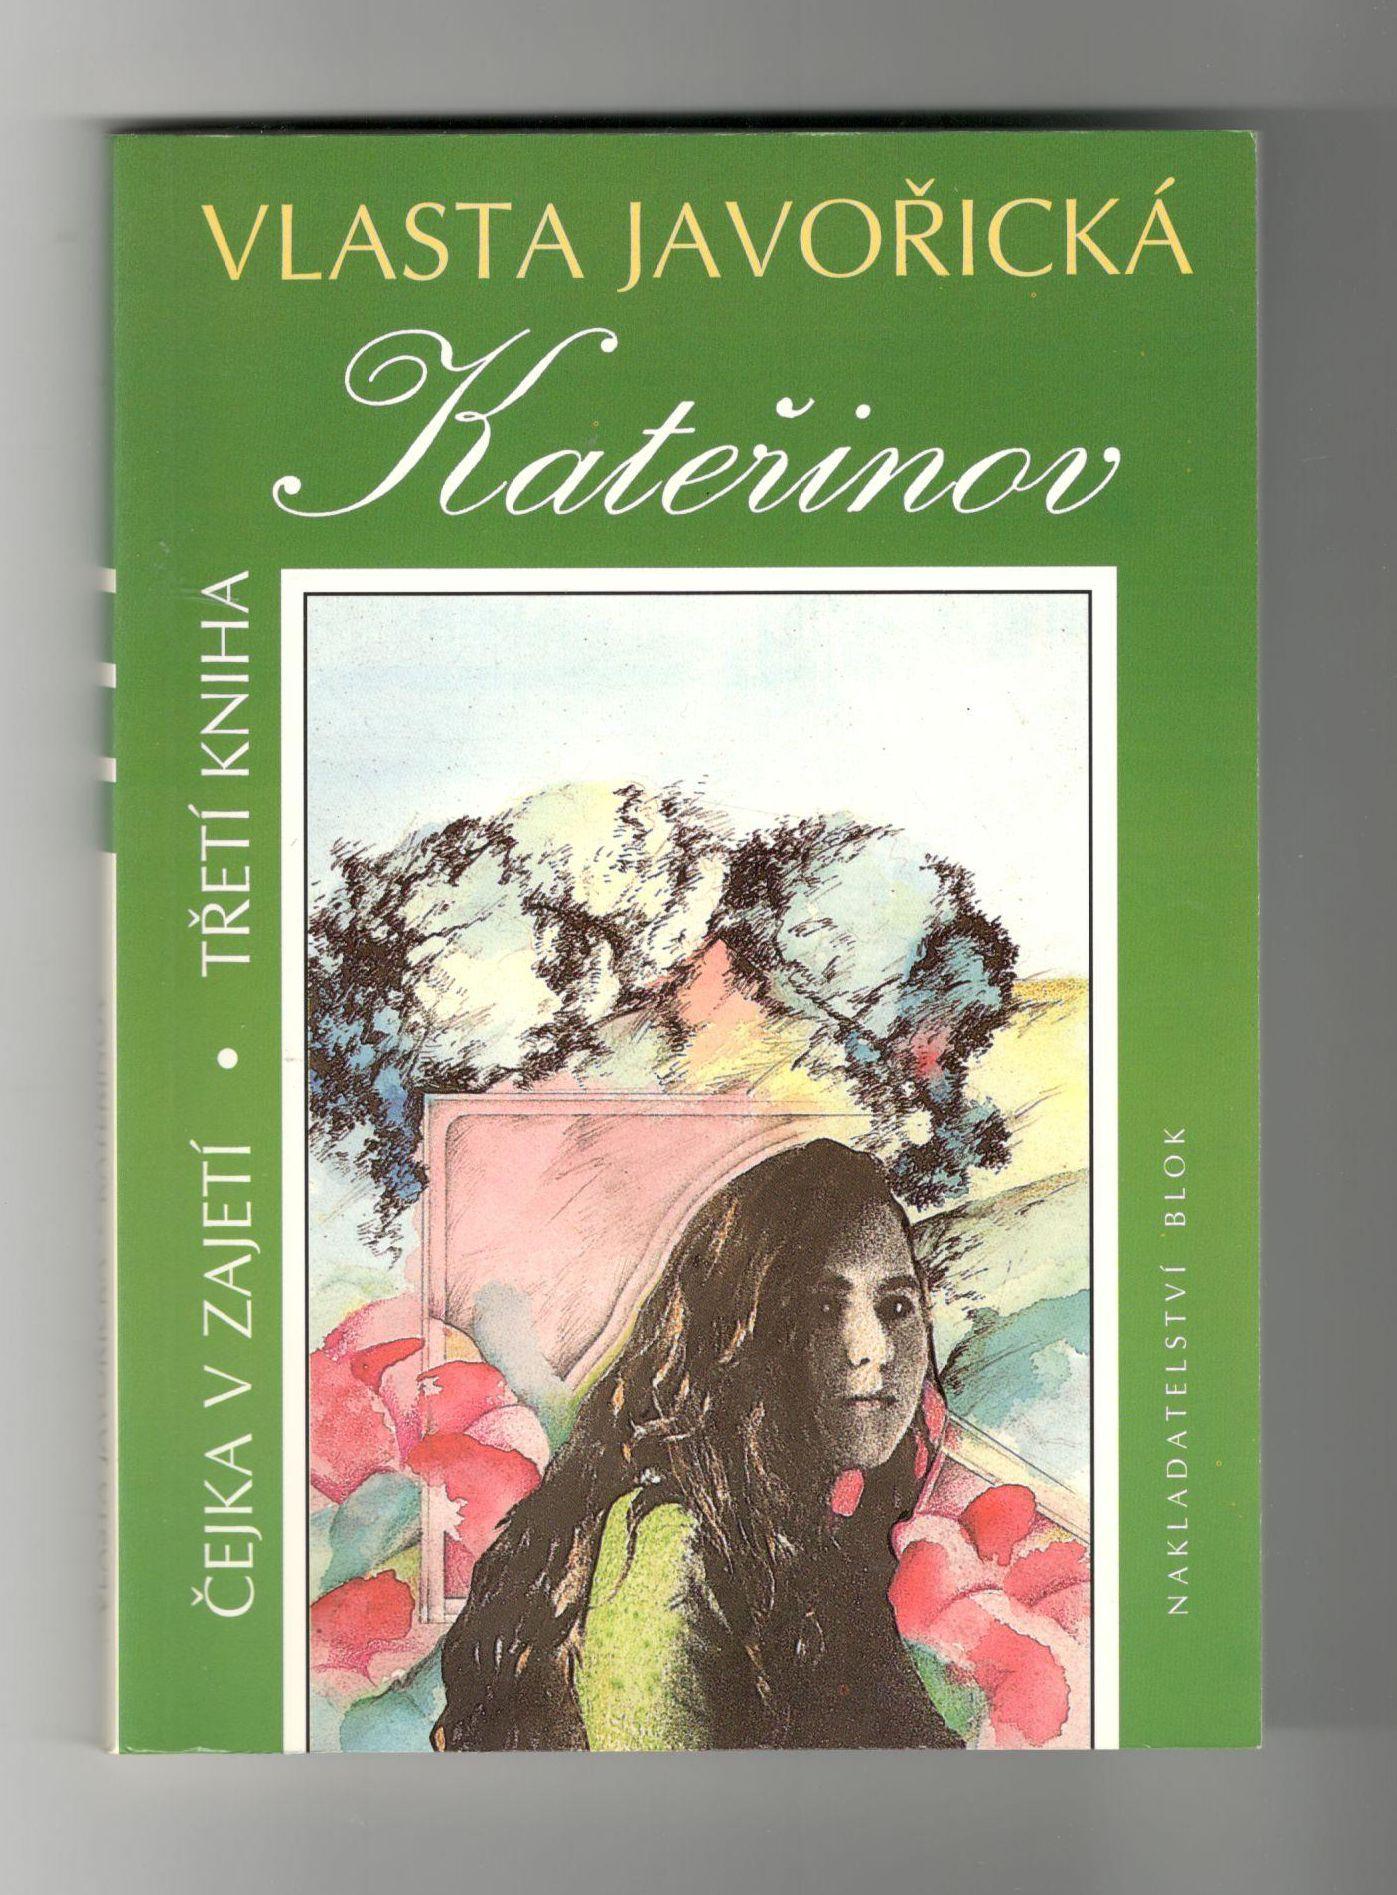 Kateřinov - Vlasta Javořická (Čejka v zajetí - kniha třetí)